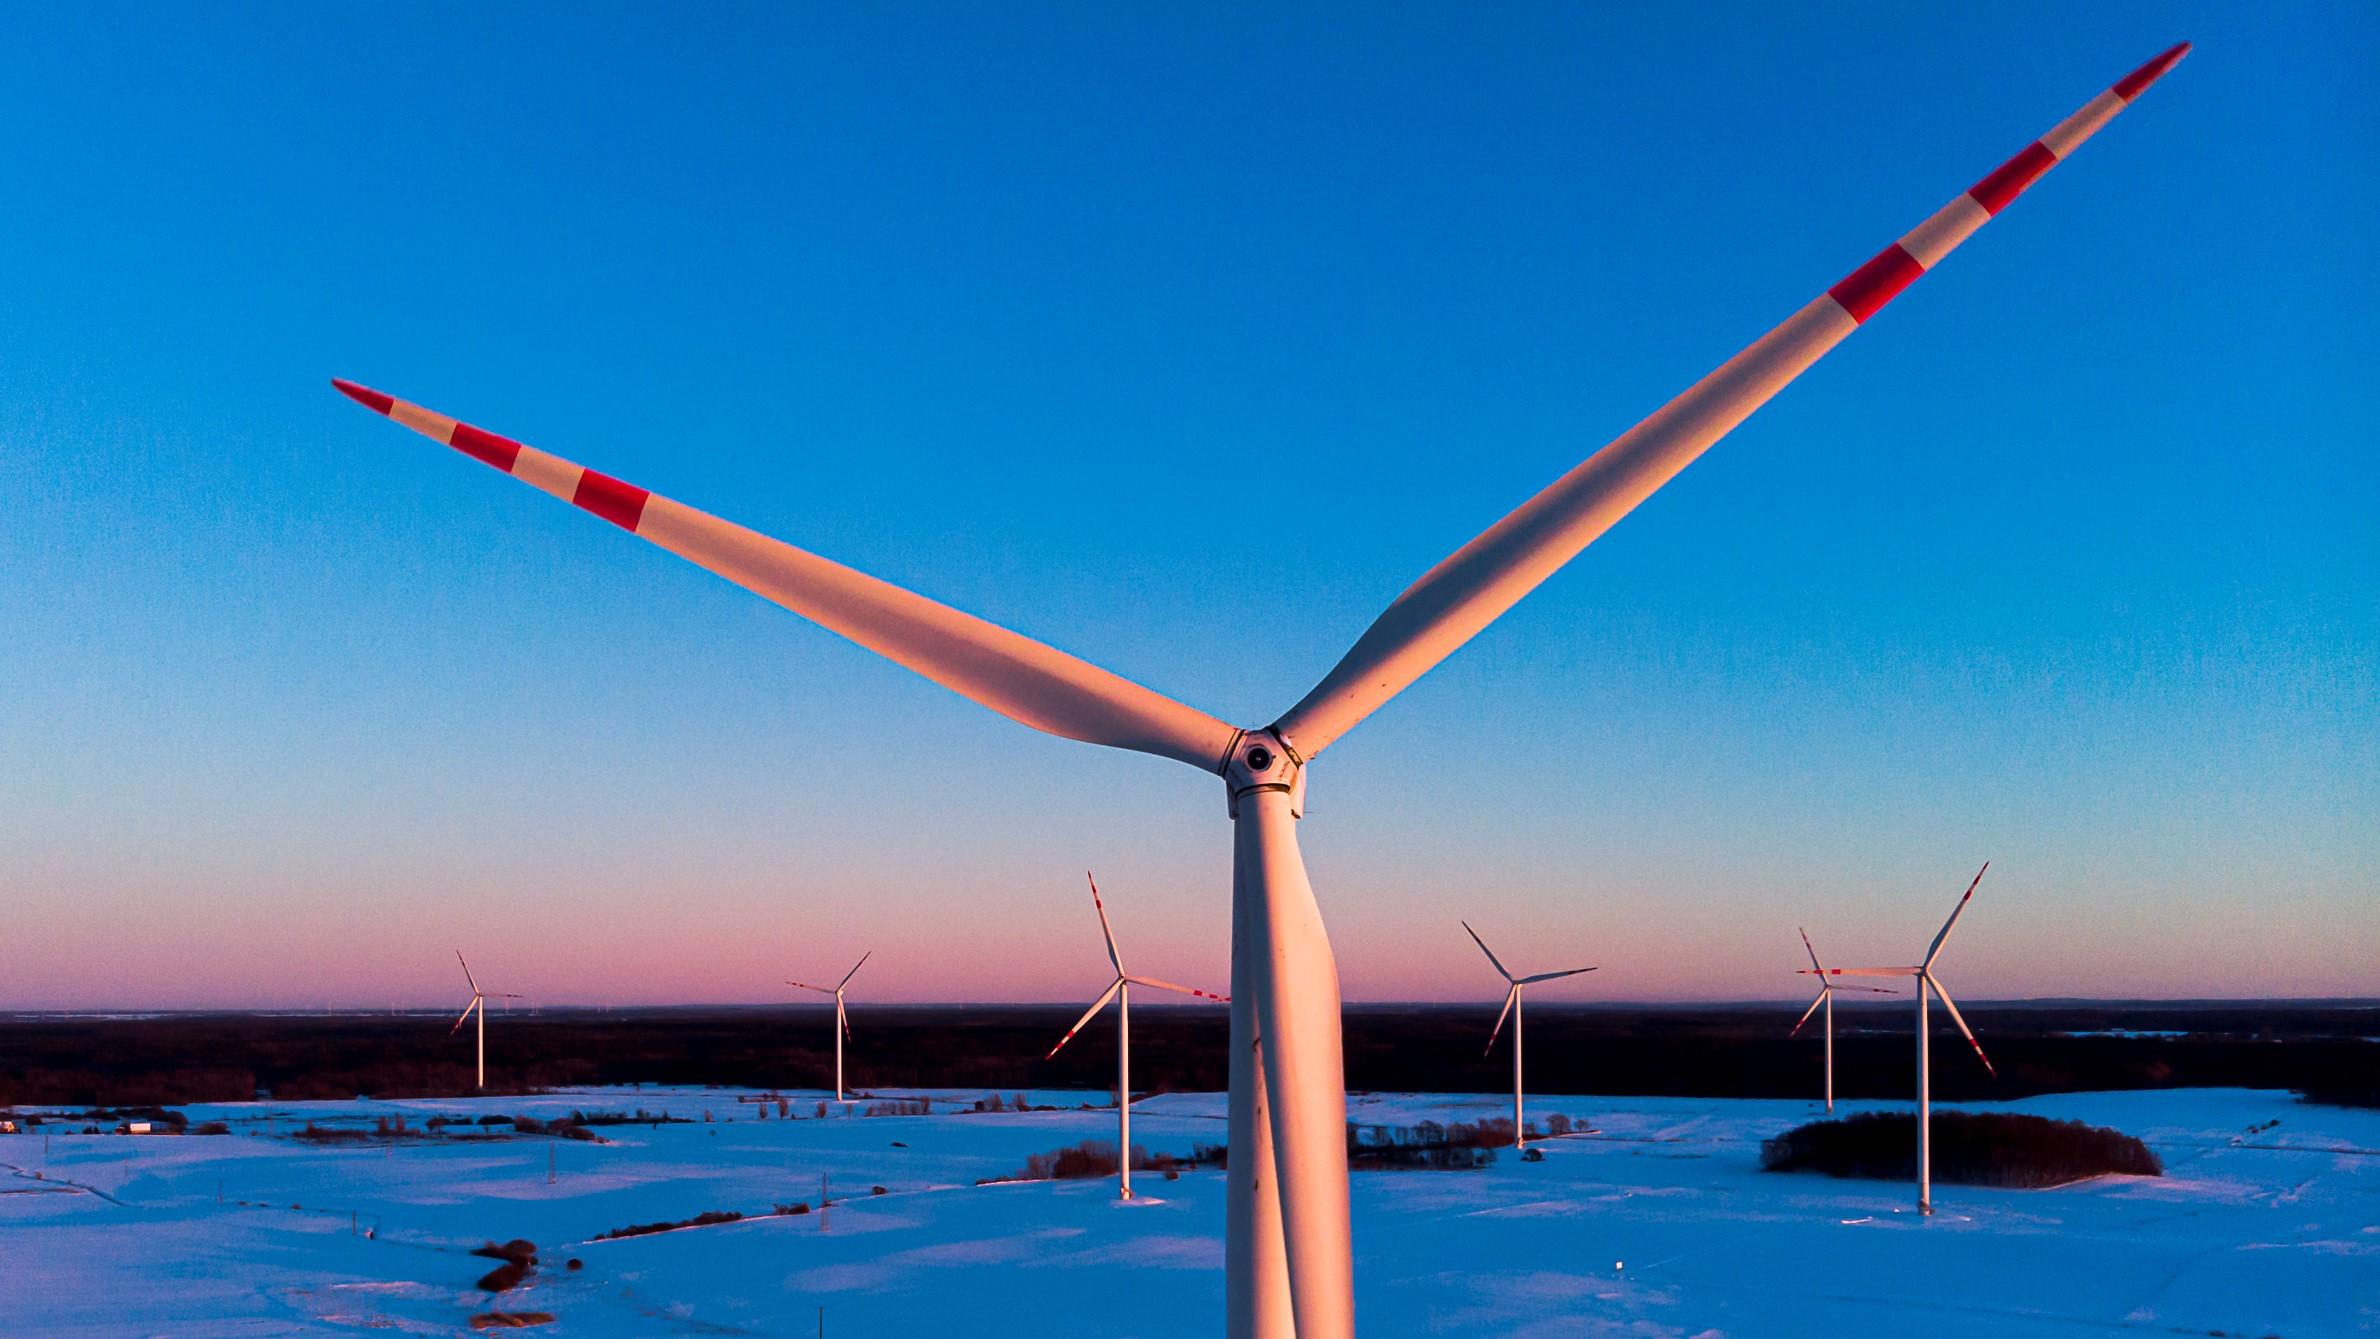 PKN ORLEN chce przejąć kolejną farmę wiatrową. Umowa podpisana  - Zdjęcie główne